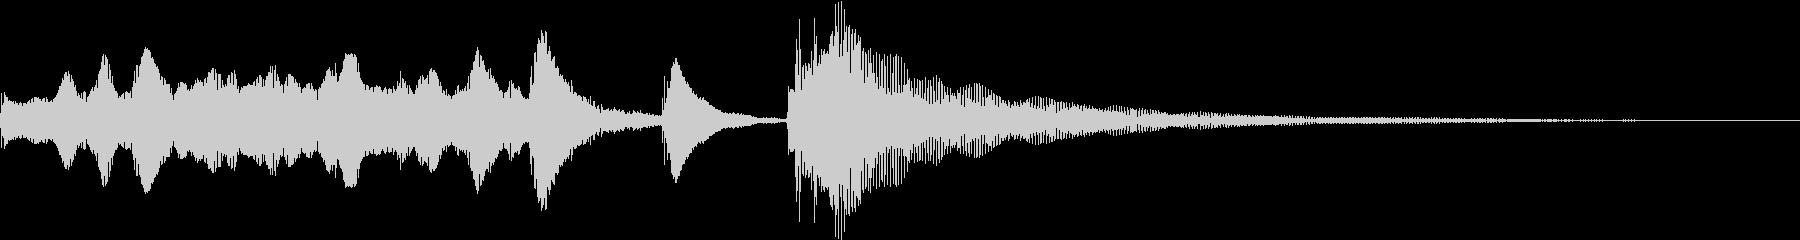 ほのぼの可愛い・ハープ/マリンバジングルの未再生の波形